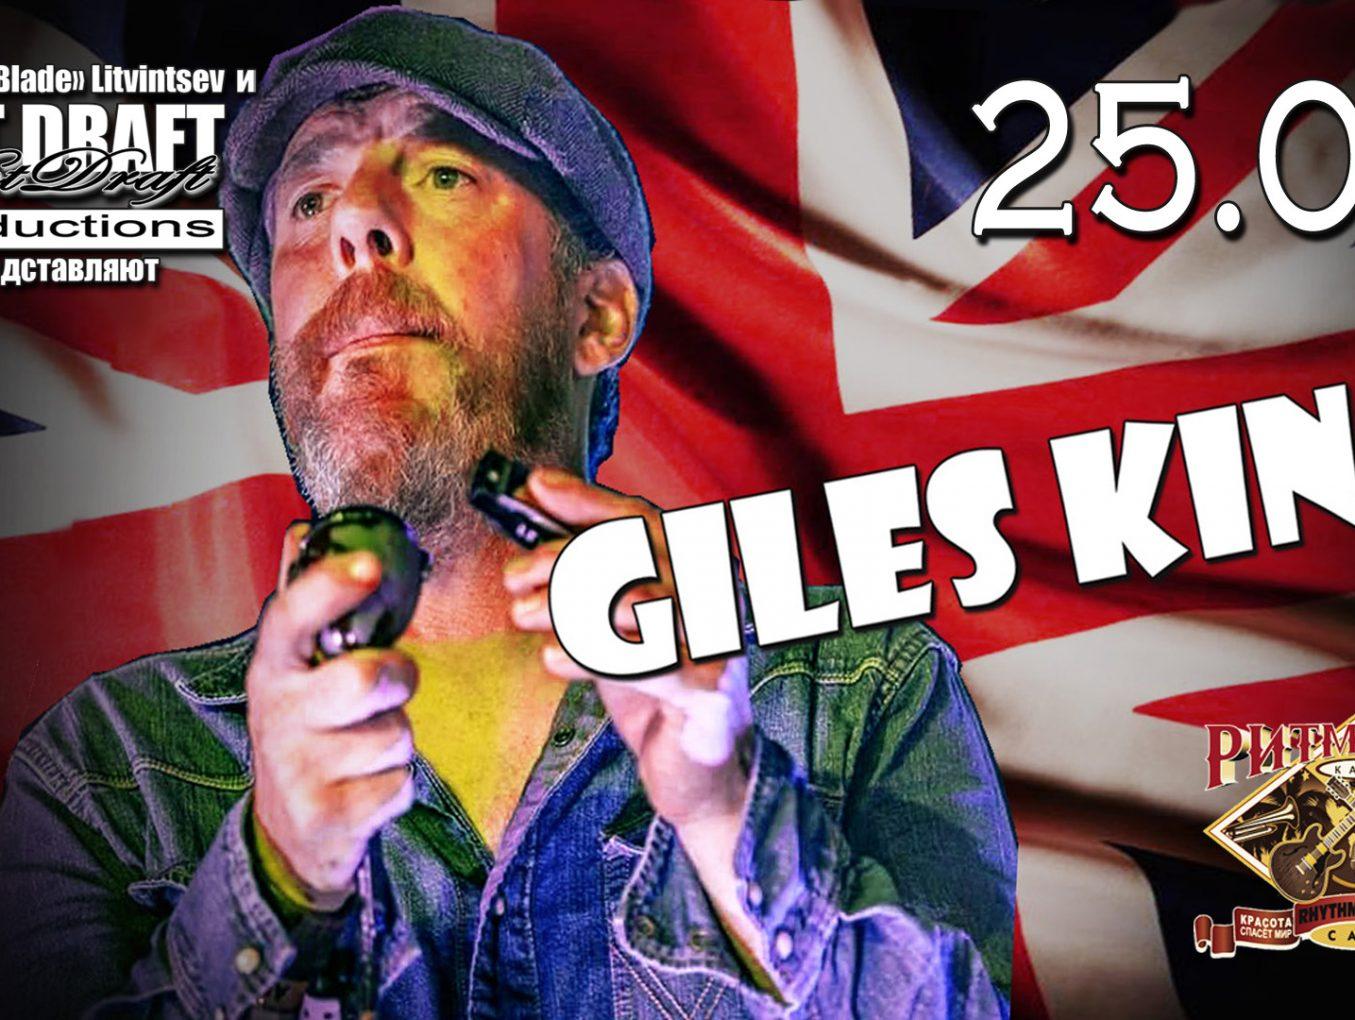 Британское блюзовое вторжение /Giles King (UK)